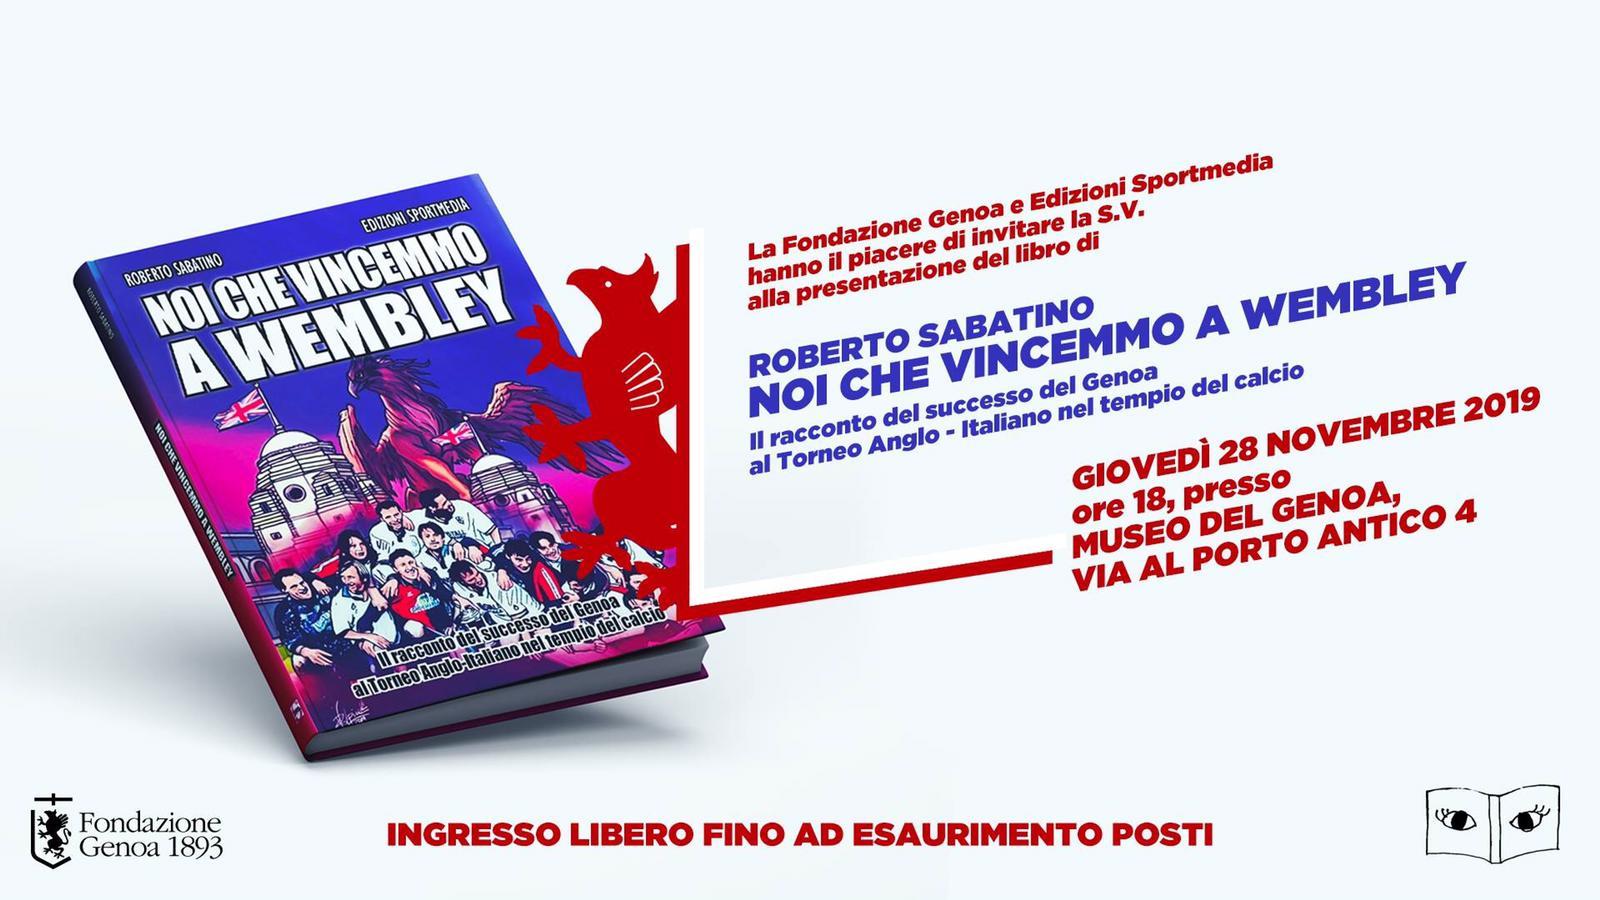 """Museo del Genoa: il 28 novembre presentazione del libro """"Noi che vincemmo a Wembley"""" - Pianetagenoa1893.net"""